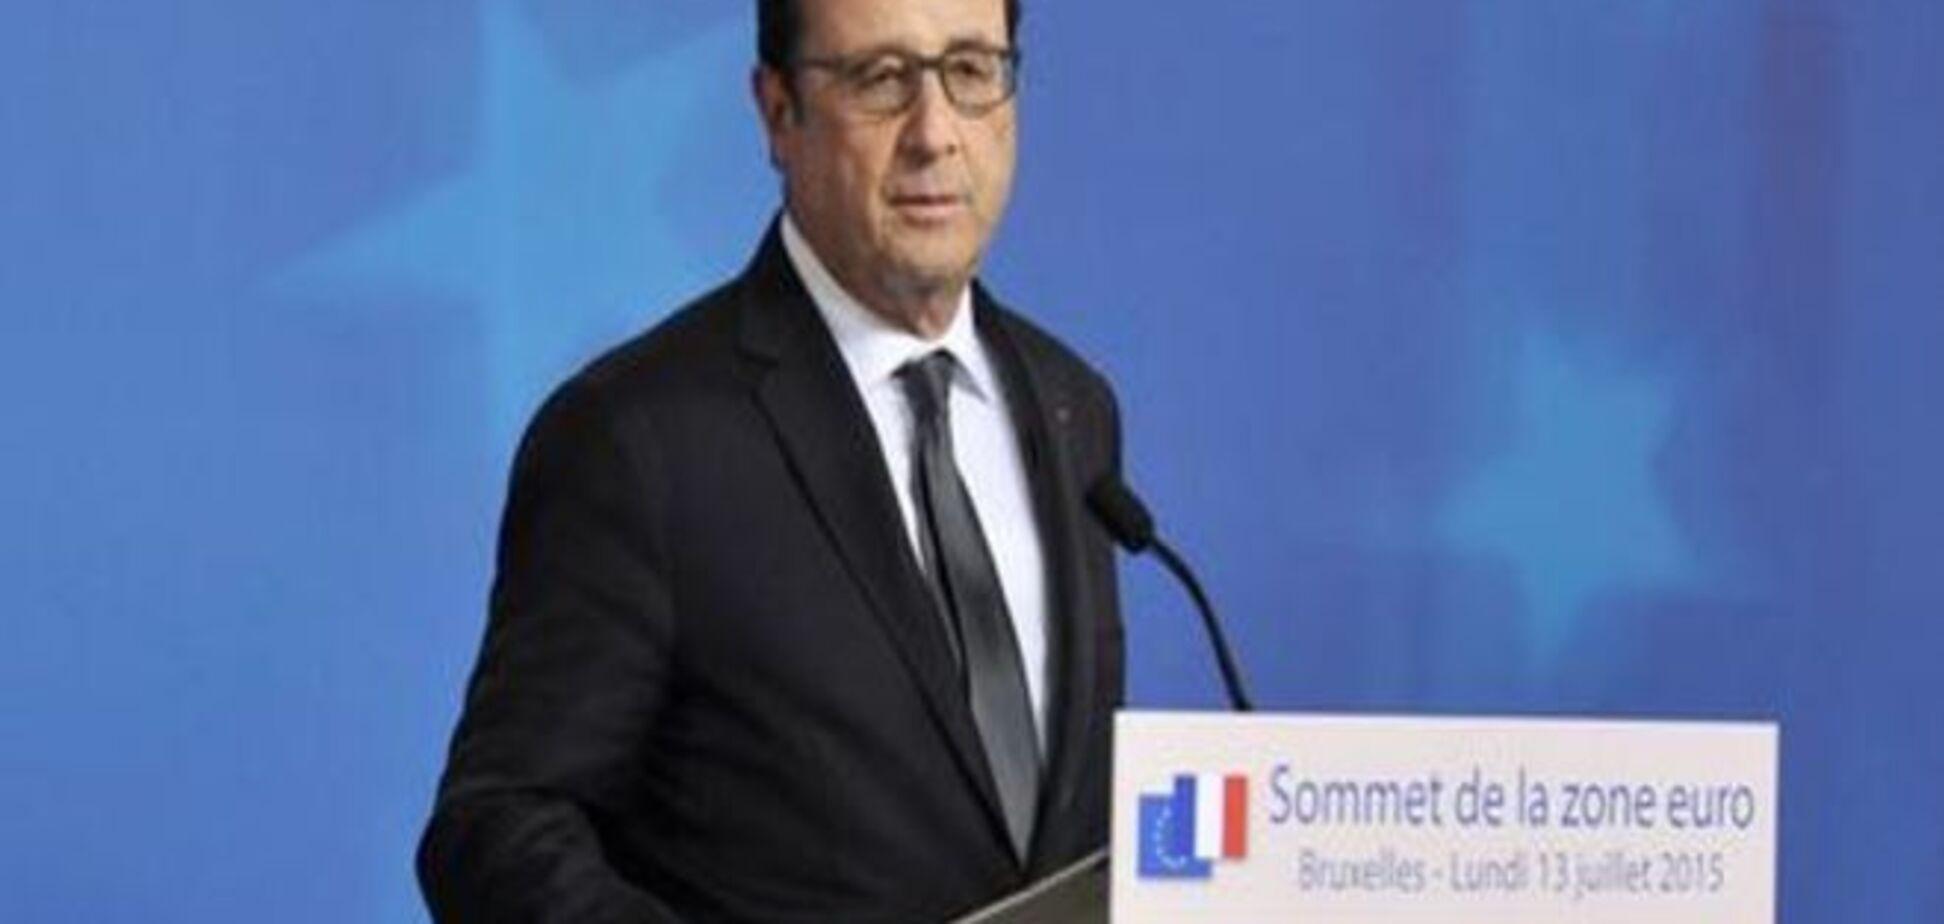 Олланд підтримує ідею створення уряду Єврозони